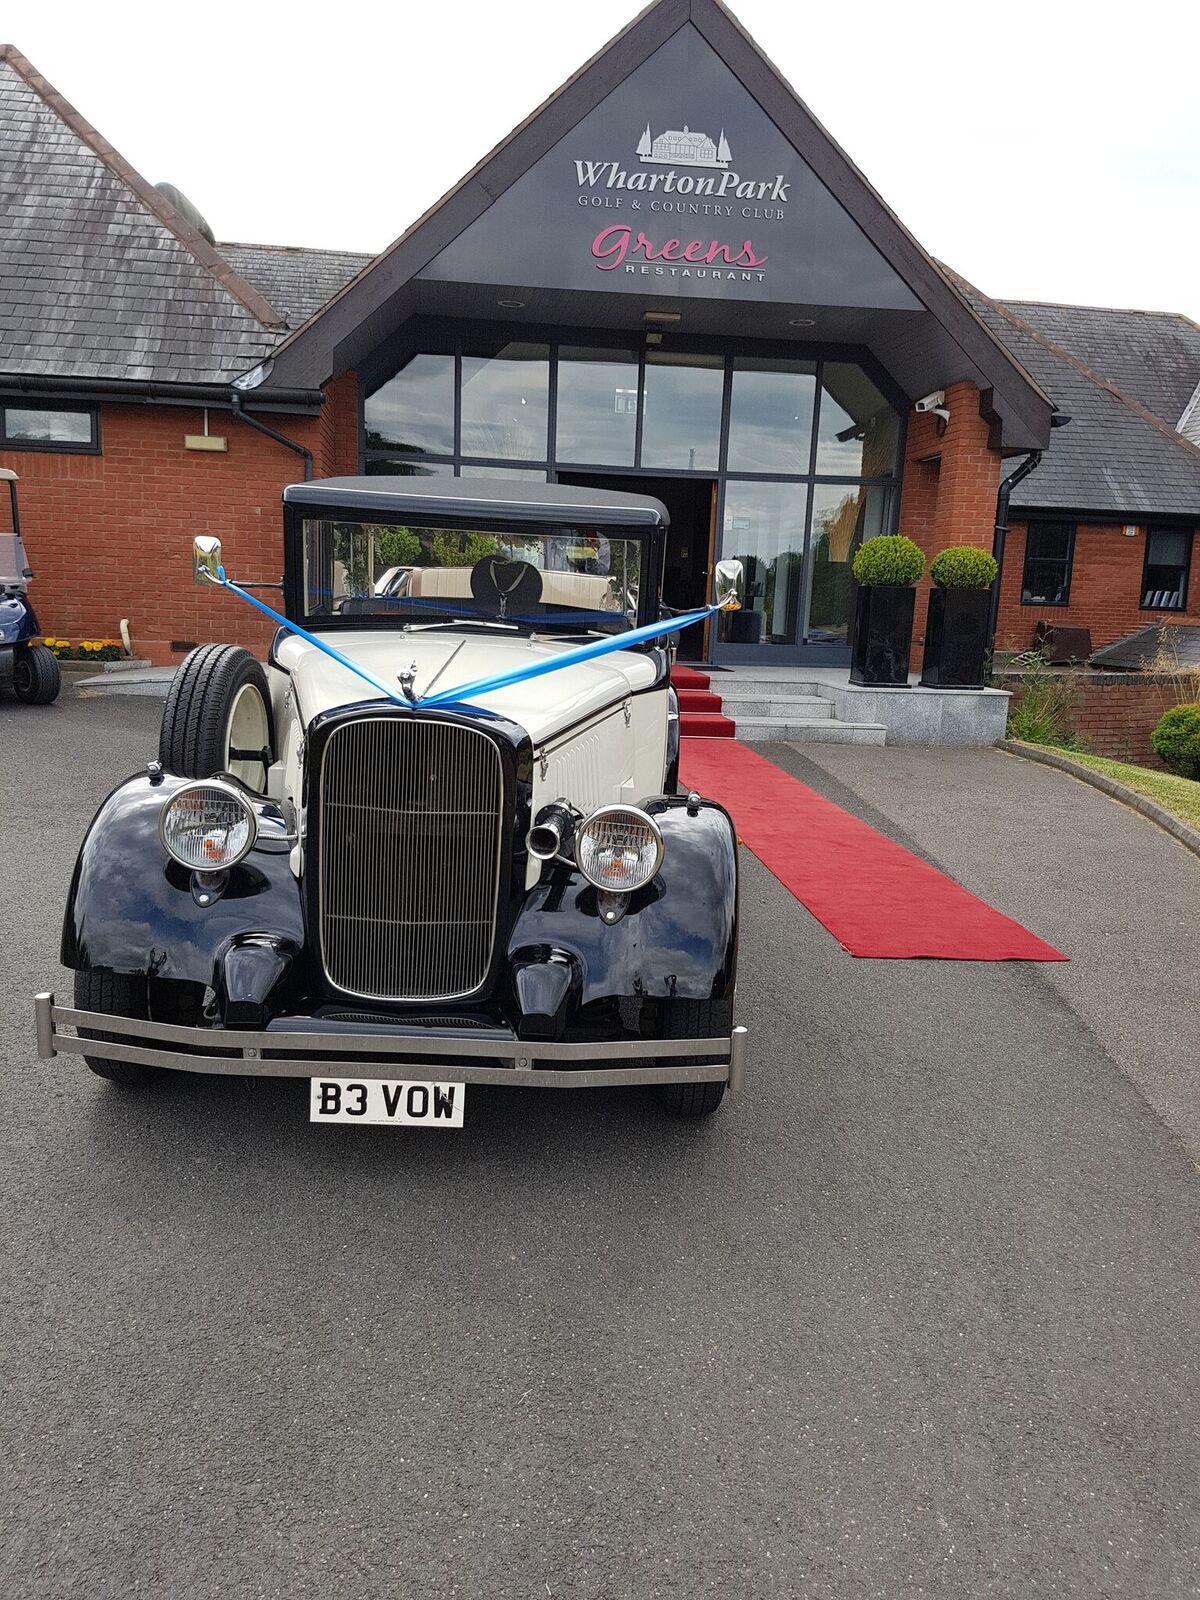 Proffesional Wedding Car Service